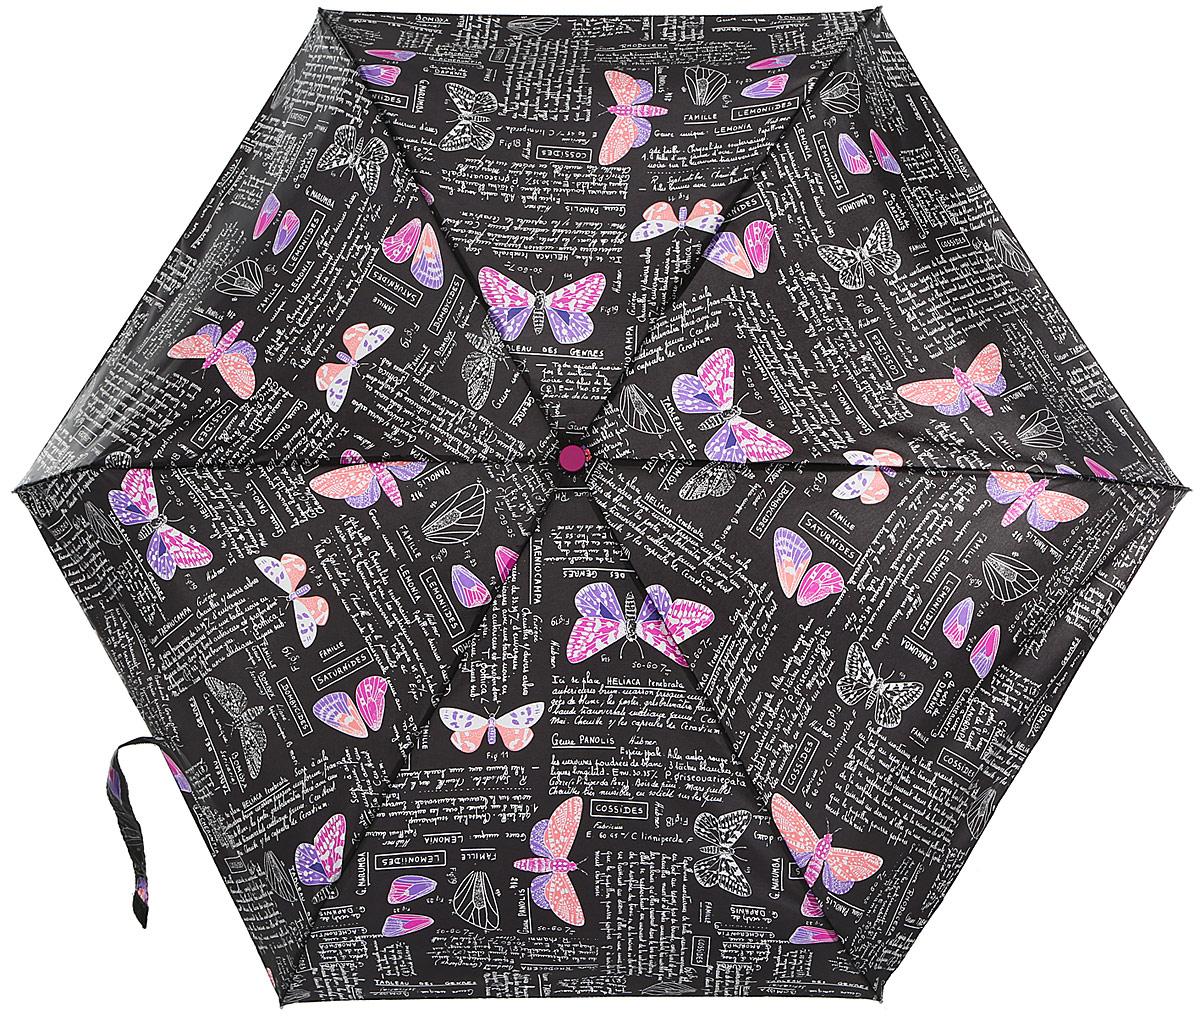 Зонт женский Isotoner Ботаника, автомат, 4 сложения, цвет: черный, сиреневый. 09145-307409145-3074_бабочкиКомпактный автоматический зонт Isotoner Ботаника с технологией Slim оформлен стильным принтом с изображением бабочек. Зонт оснащен надежным металлическим каркасом с шестью стальными спицами и куполом из прочного полиэстера. Зонт имеет автоматический механизм сложения: купол открывается и закрывается нажатием кнопки на рукоятке, стержень складывается вручную до характерного щелчка, благодаря чему открыть зонт можно одной рукой, что чрезвычайно удобно при выходе из транспорта или помещения. Эргономичная рукоятка из пластика дополнена эластичной петлей. К зонту прилагается чехол. Такой зонт легко поместится в женскую сумочку и даже в ненастную погоду позволит вам оставаться стильной и элегантной.